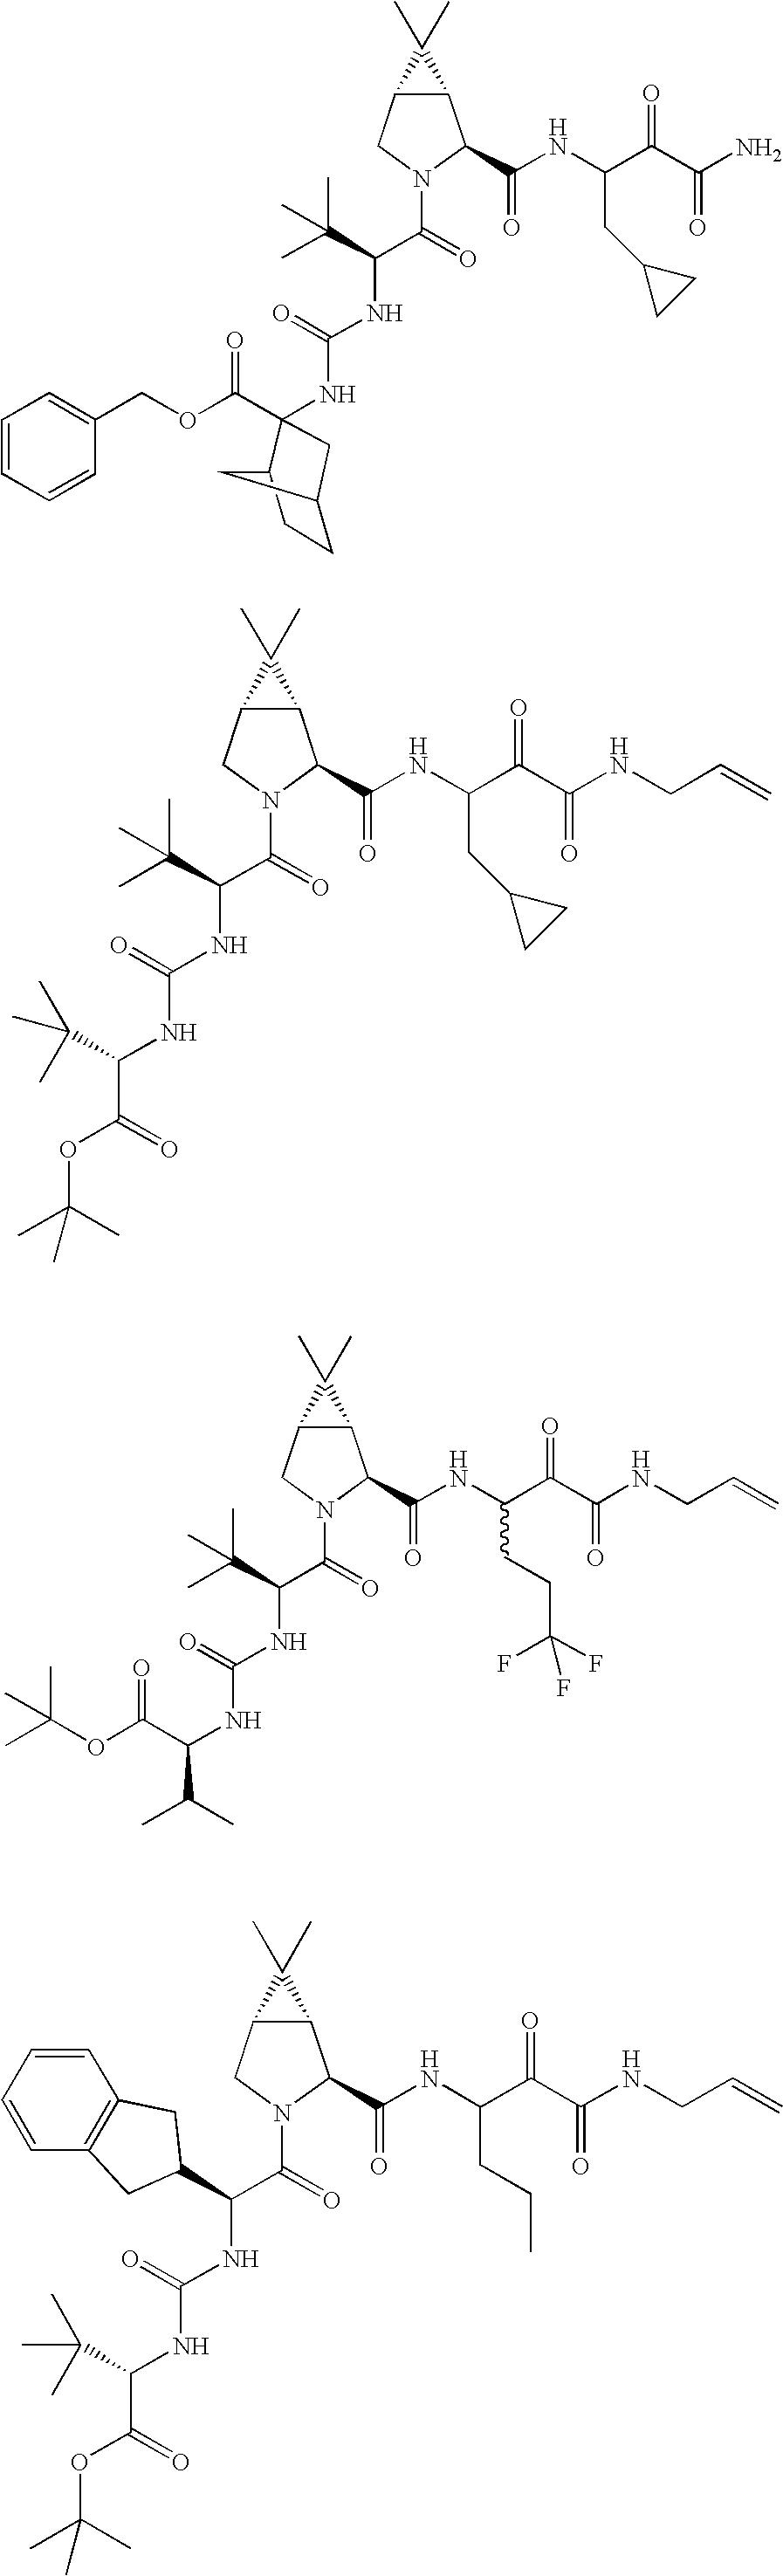 Figure US20060287248A1-20061221-C00294